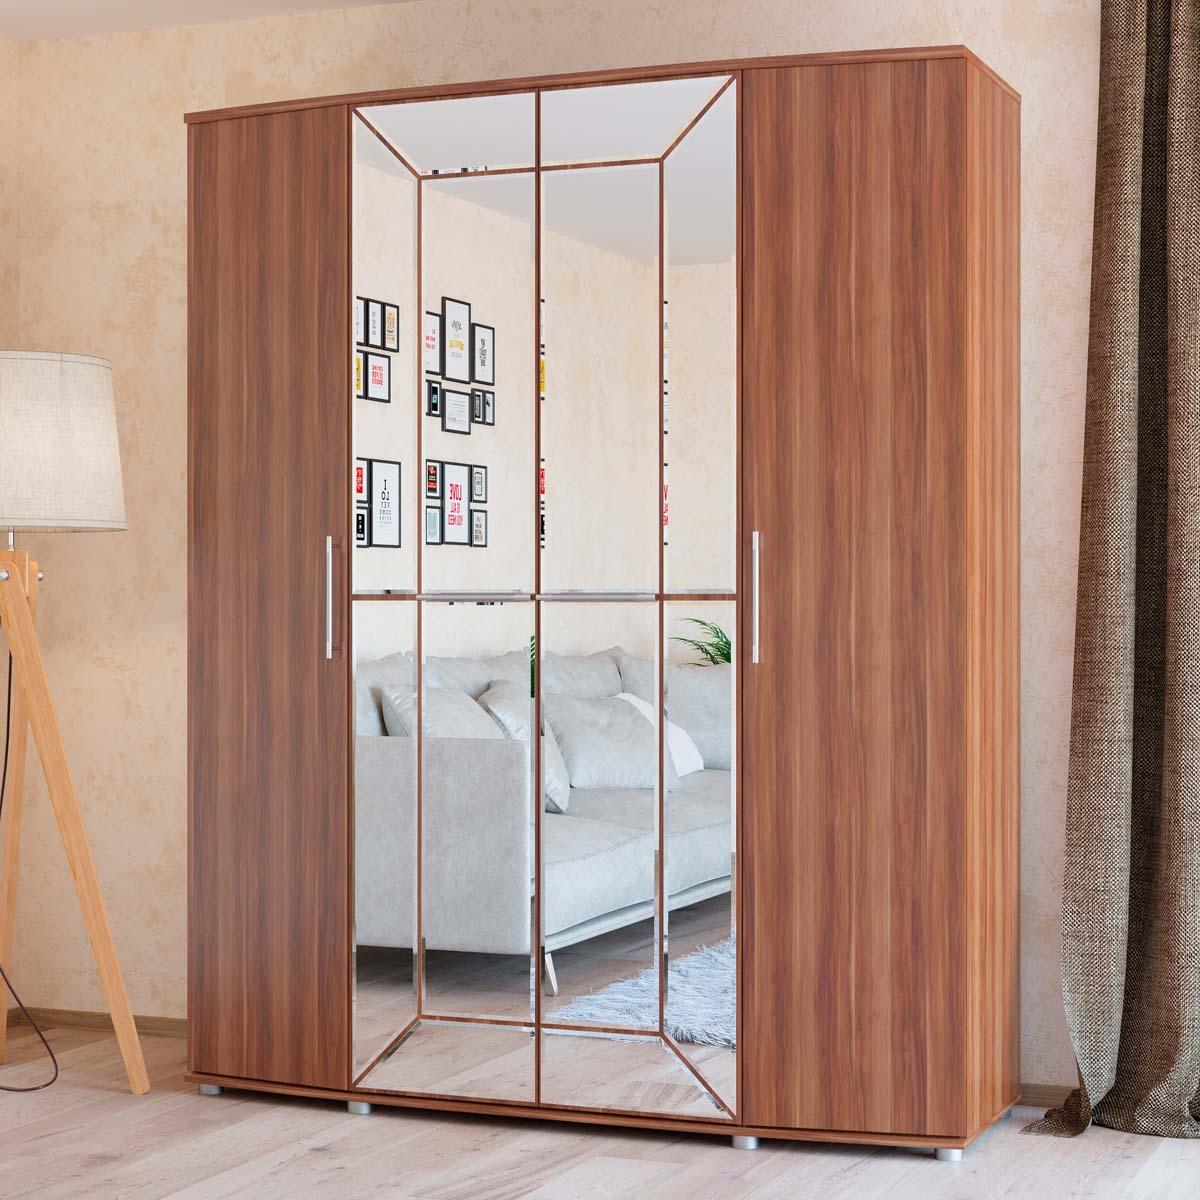 Шкаф 4-х дверный амели (4-5200) купить недорого в москве с д.